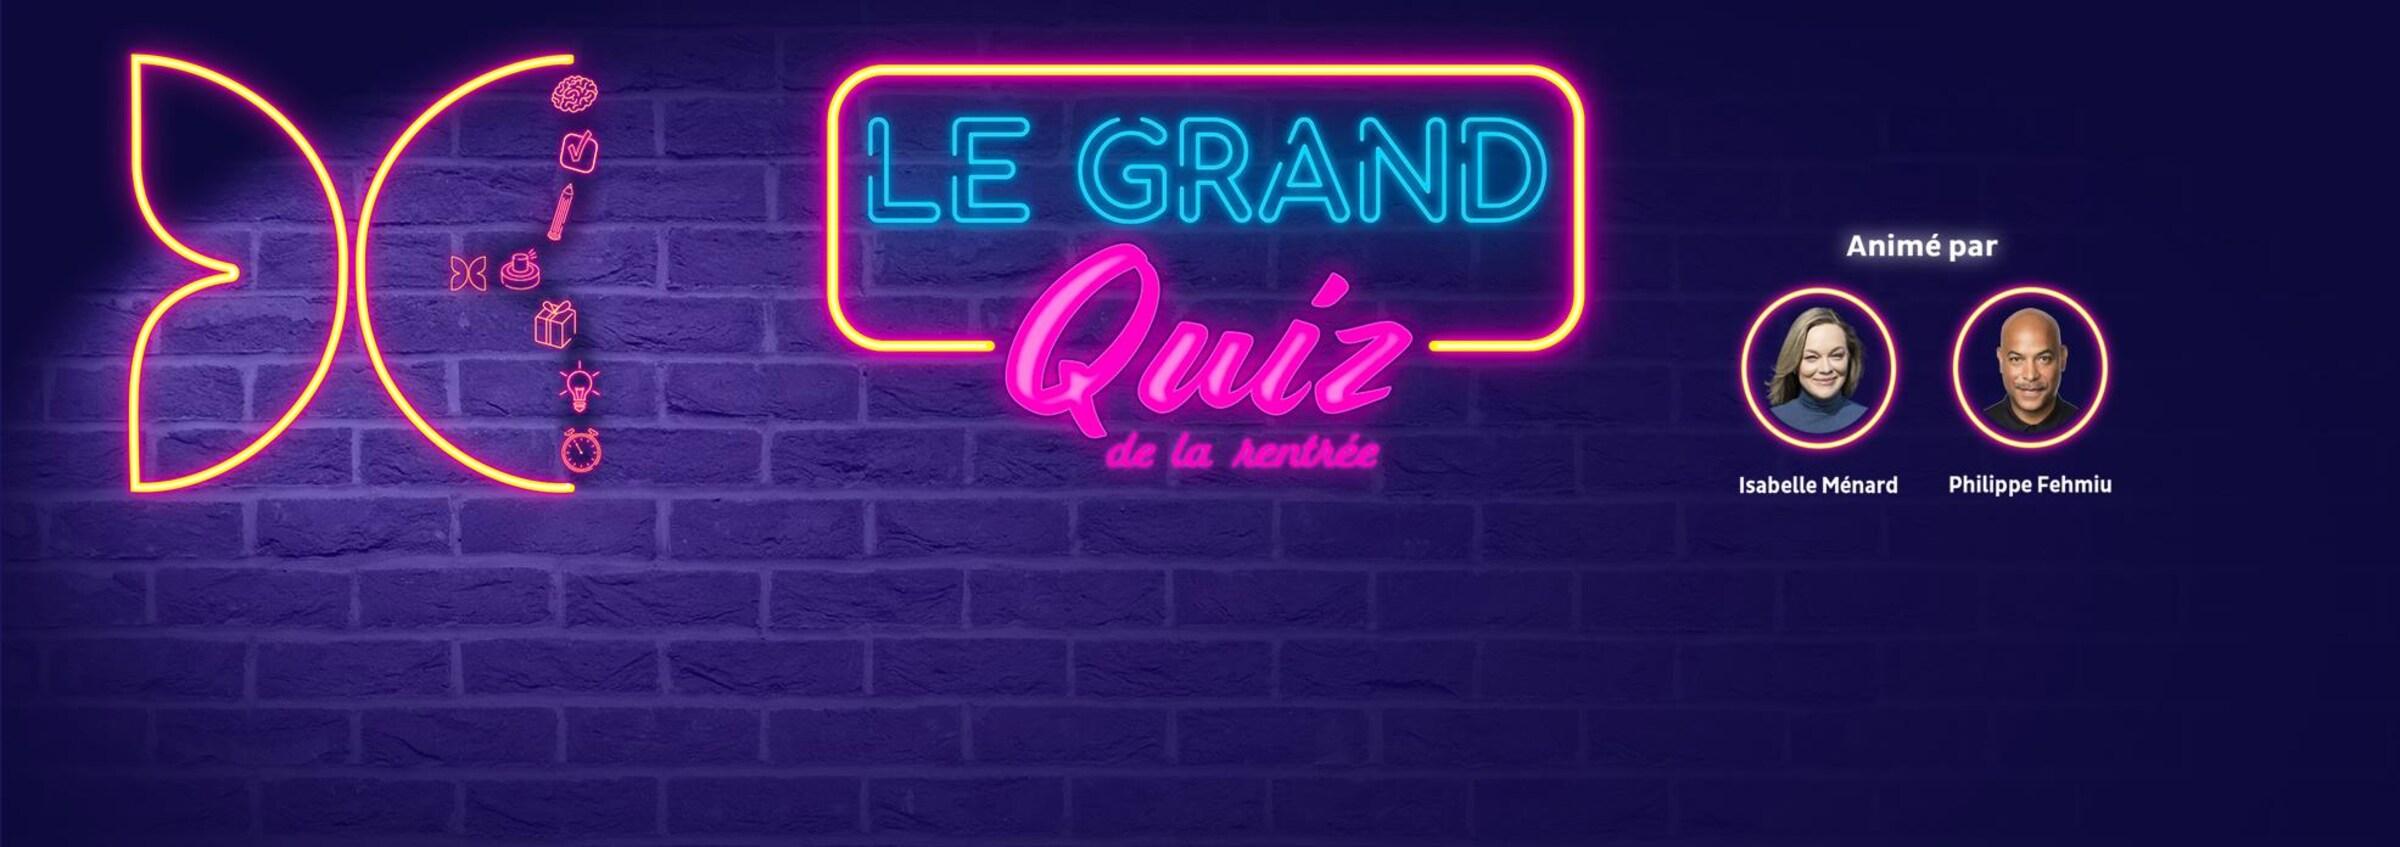 Le grand Quiz de la rentrée 2020 - Phase 2